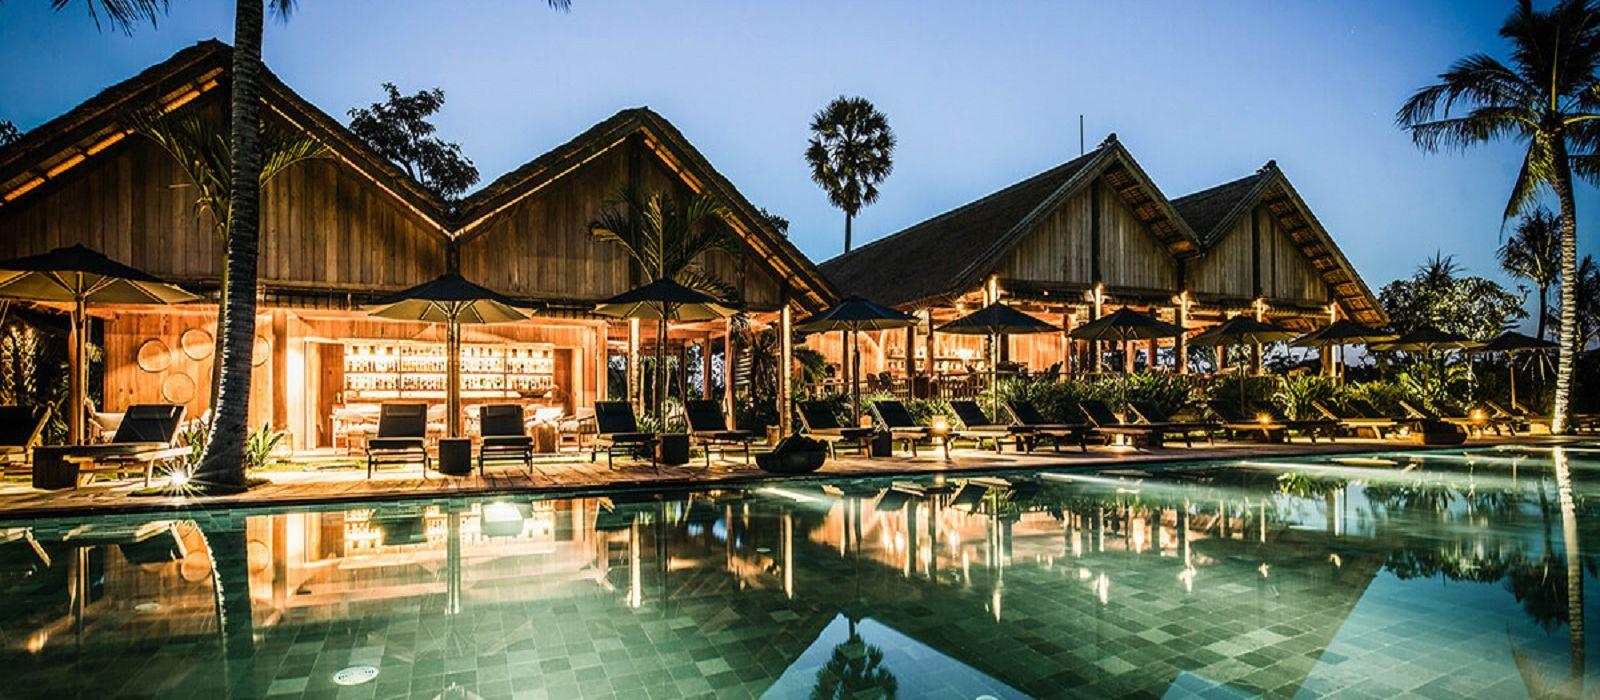 Hotel Phum Baitang Resort Kambodscha